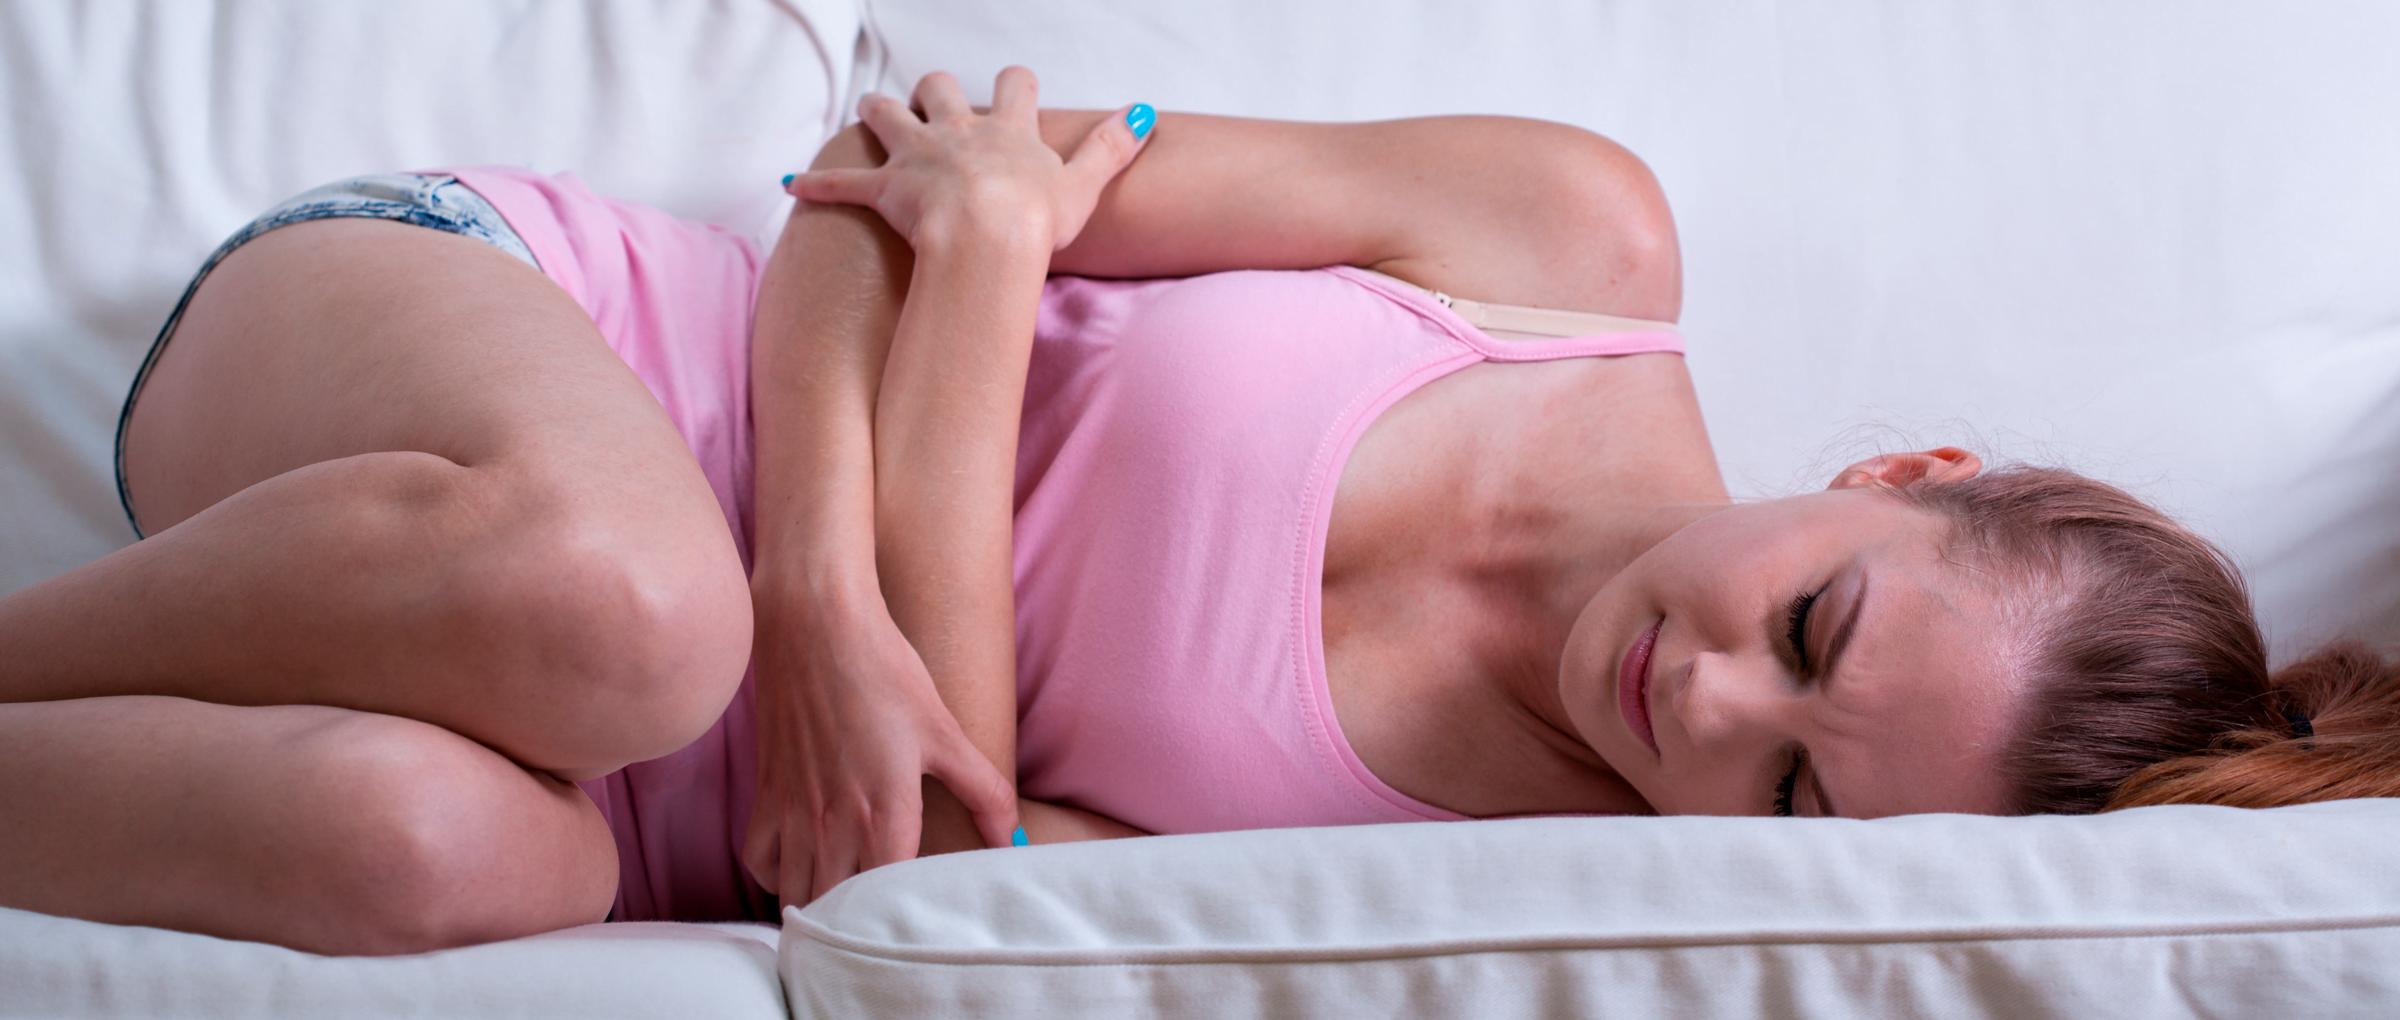 Douleurs pendant les menstruations due à l'endométriose